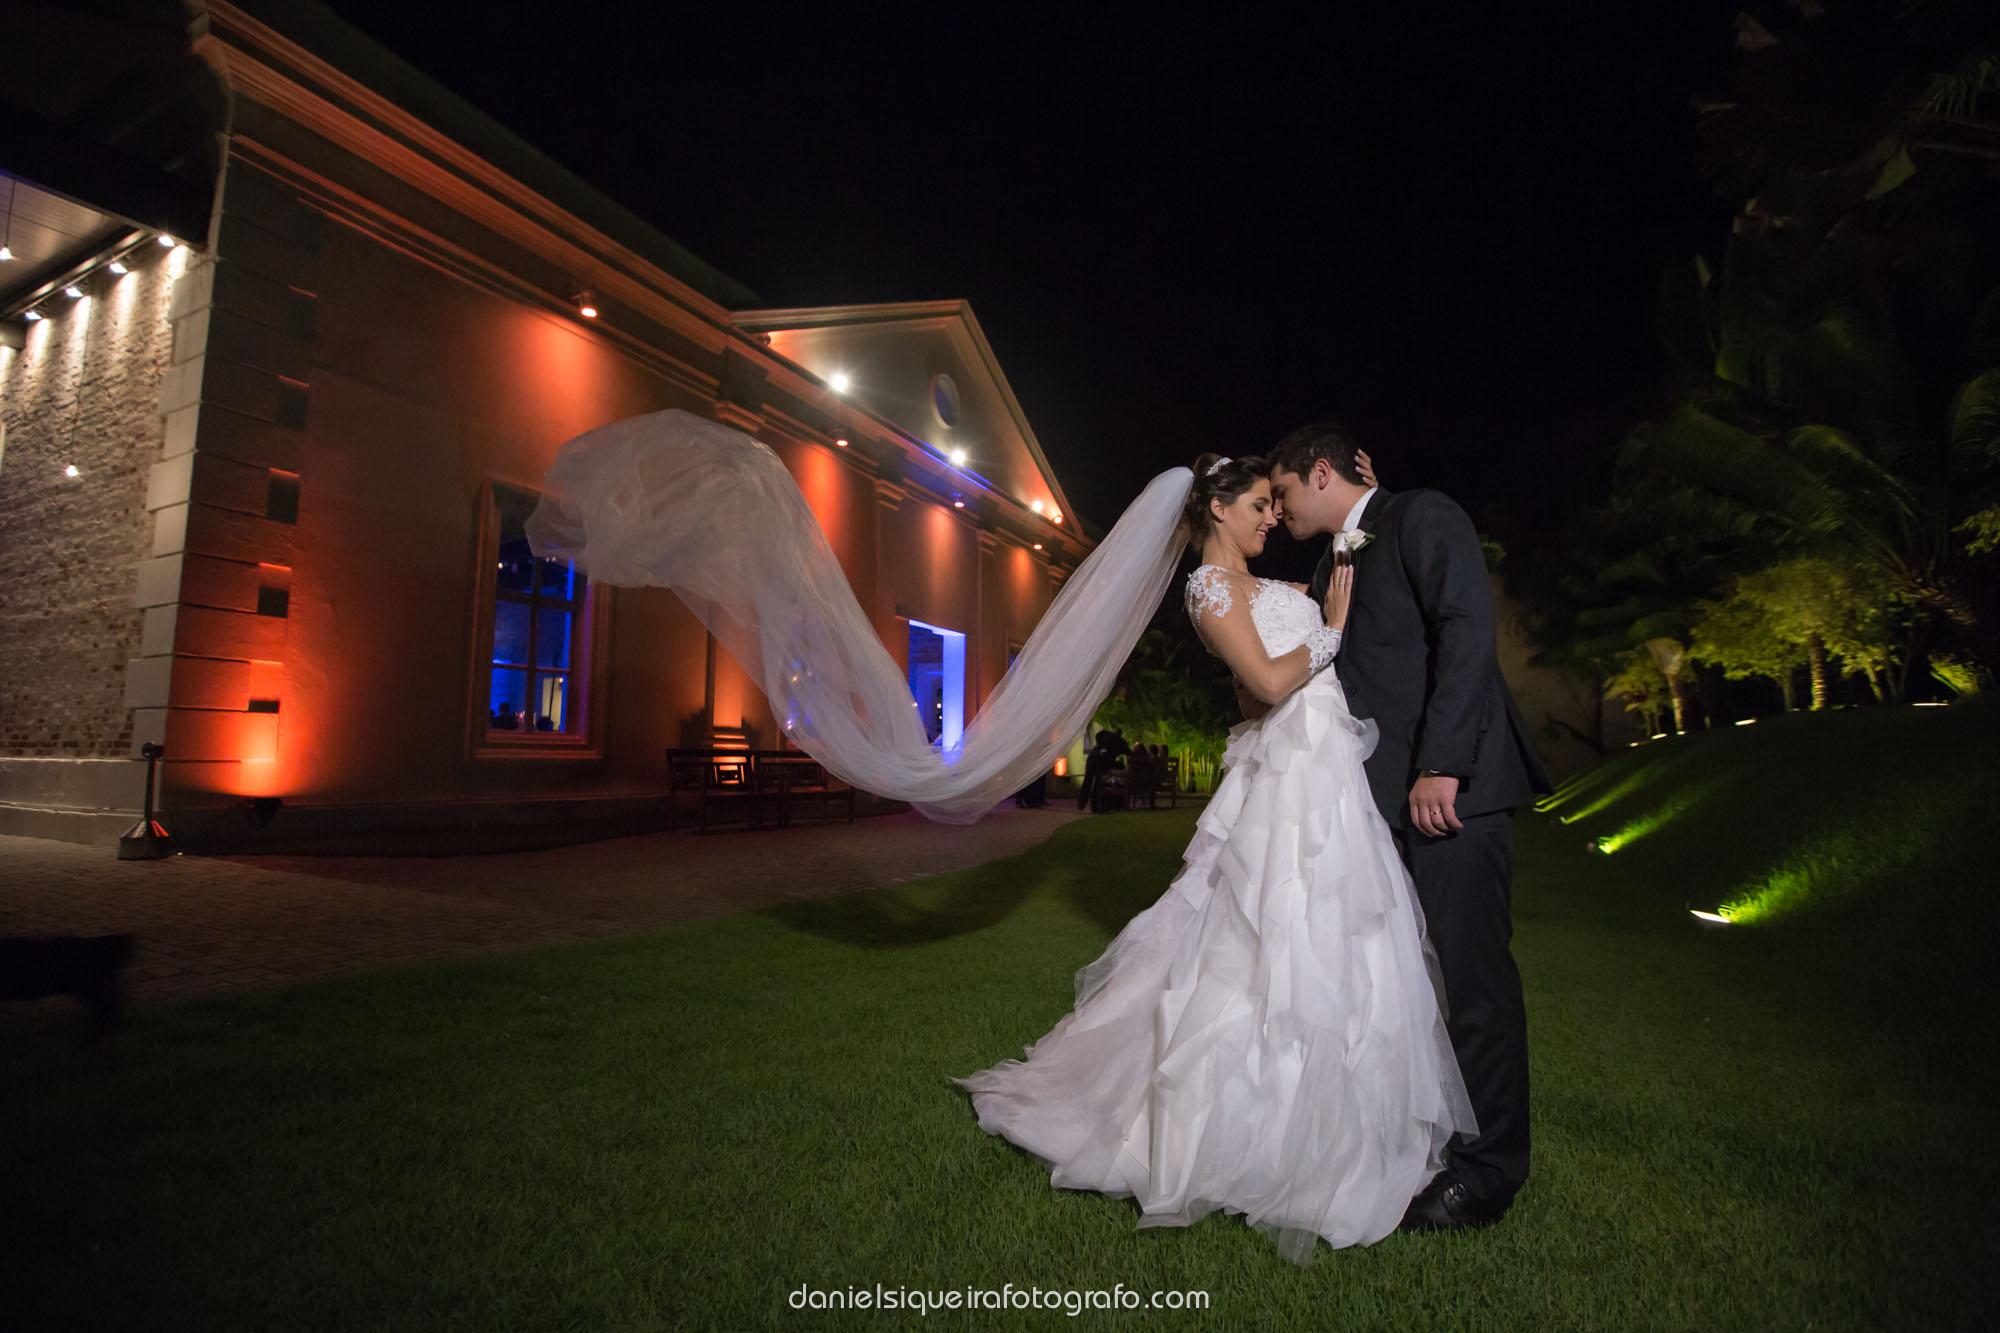 CasamentoArthureMariaEduarda_FOTO_DanielSiqueira (14)